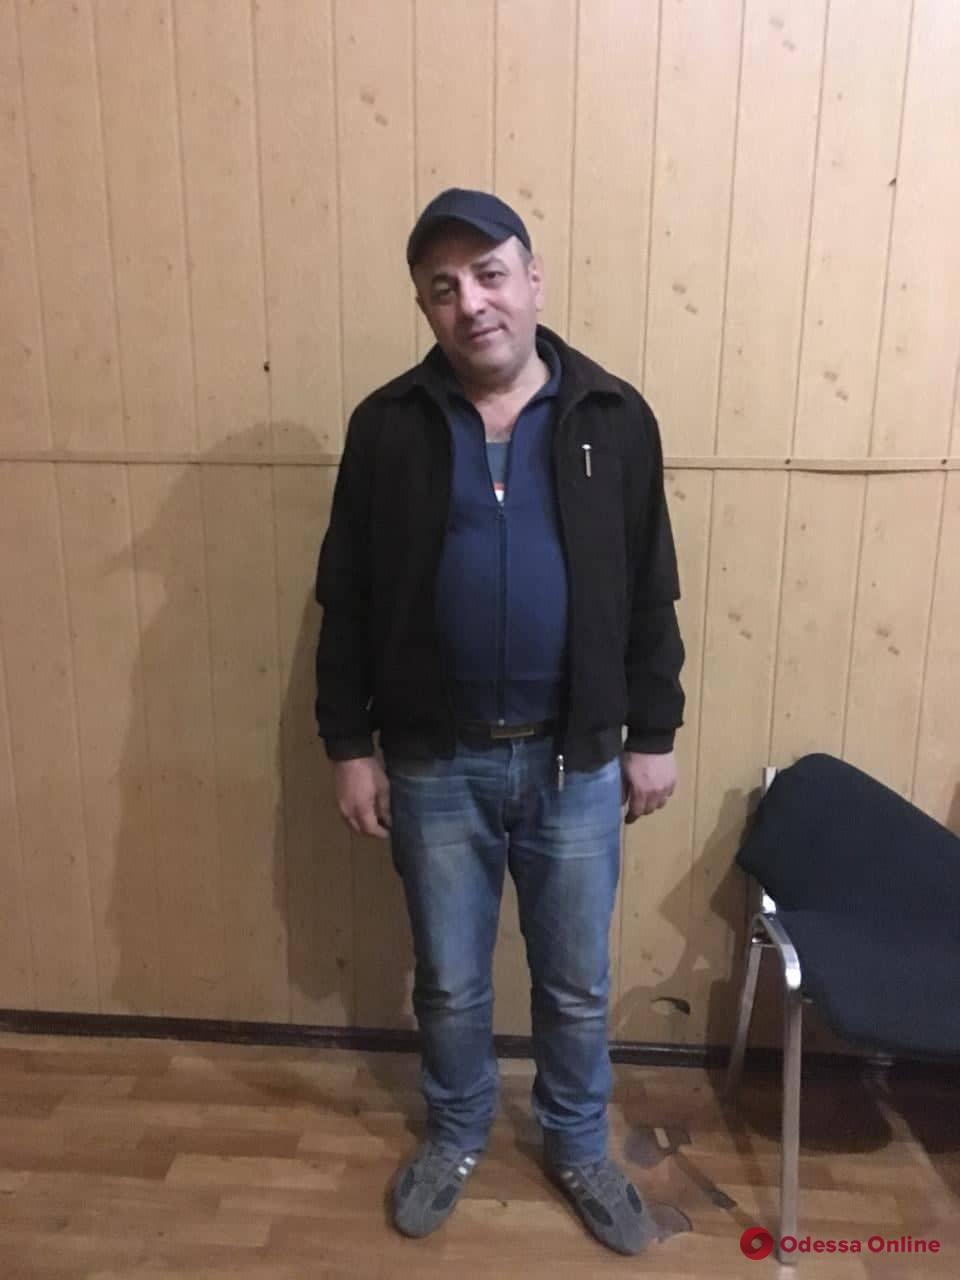 Воровали телефоны в транспорте: в Одессе задержали троих рецидивистов